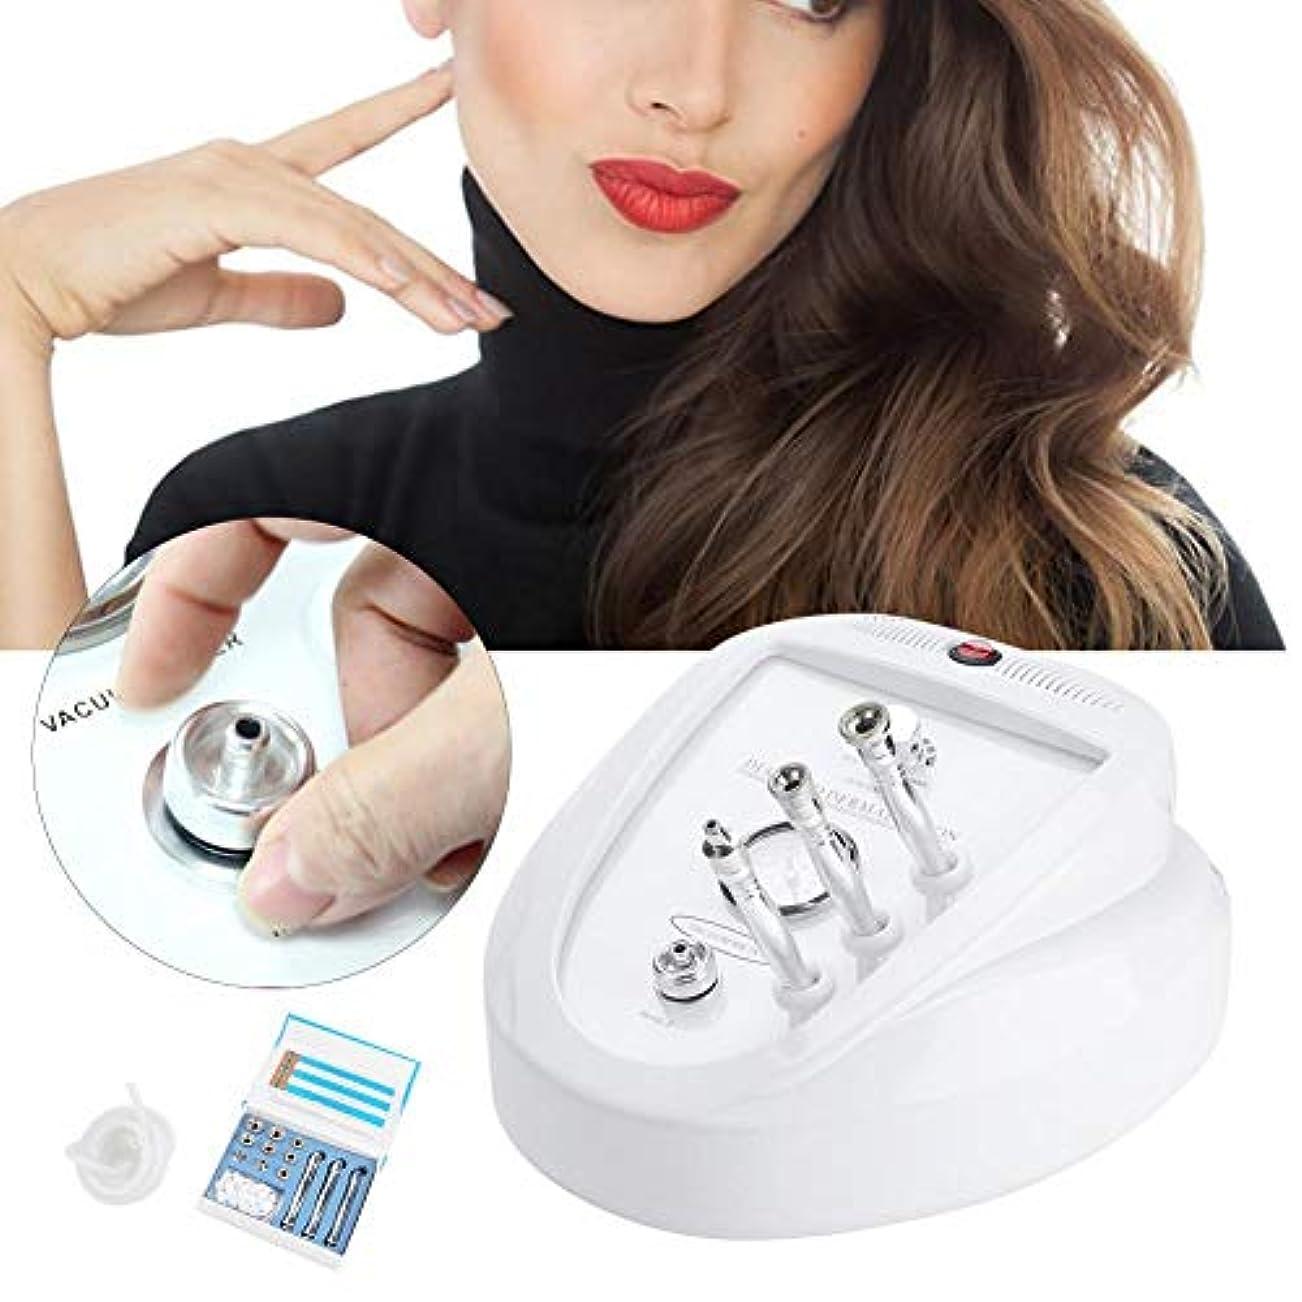 ドーム木製眼3 in 1ダイヤモンド皮膚剥離機、肌の若返り装置、フェイスリフティングマイクロマッサージエクスフォリエーター用プロのサロン&家庭用ディープクレンジングホワイトニングスキンピーリングシワ削除